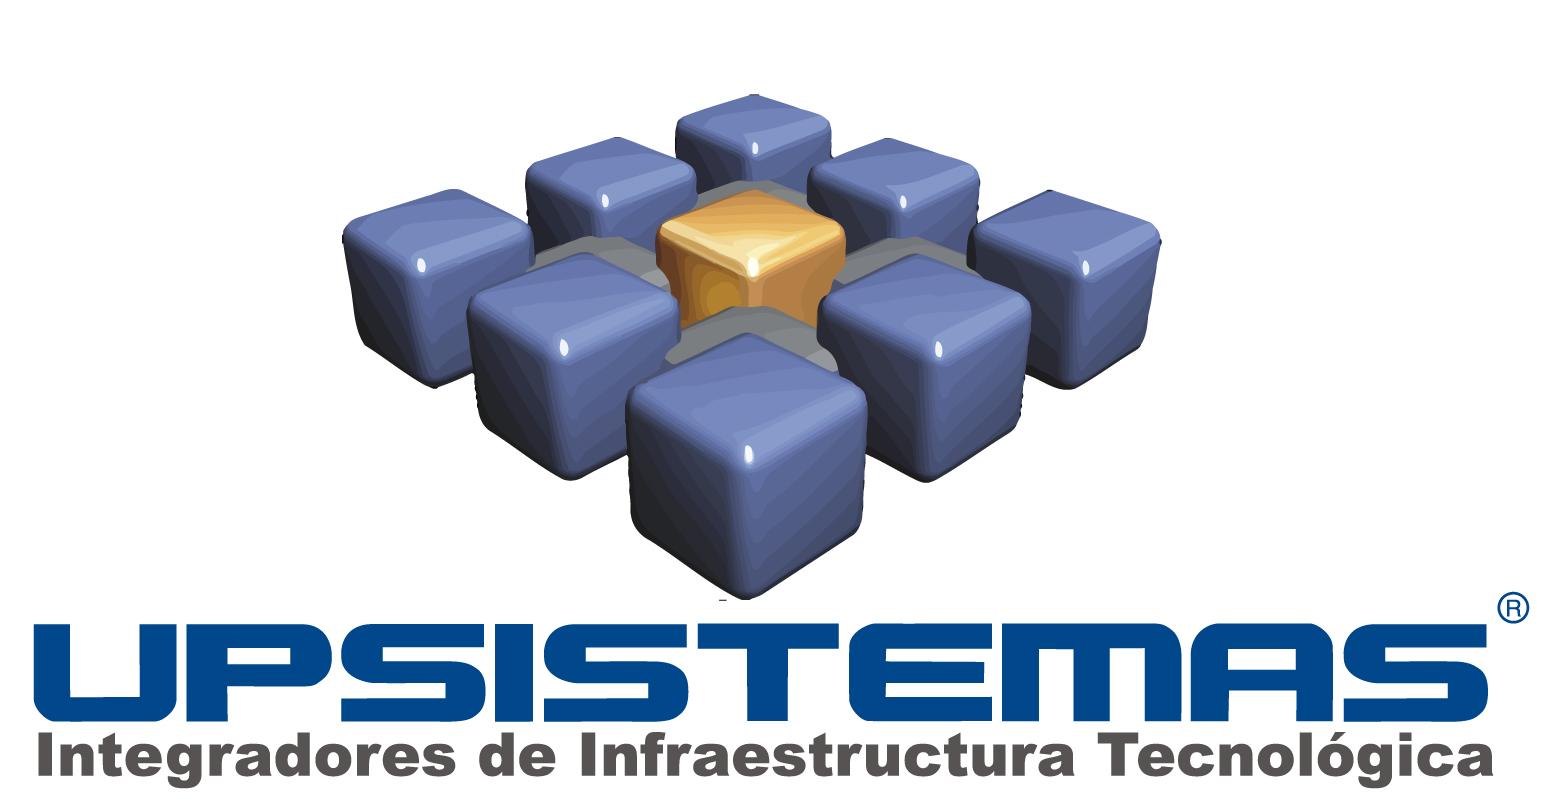 Suministro de repuestos para Centros de Datos - UPSISTEMAS S.A.S.